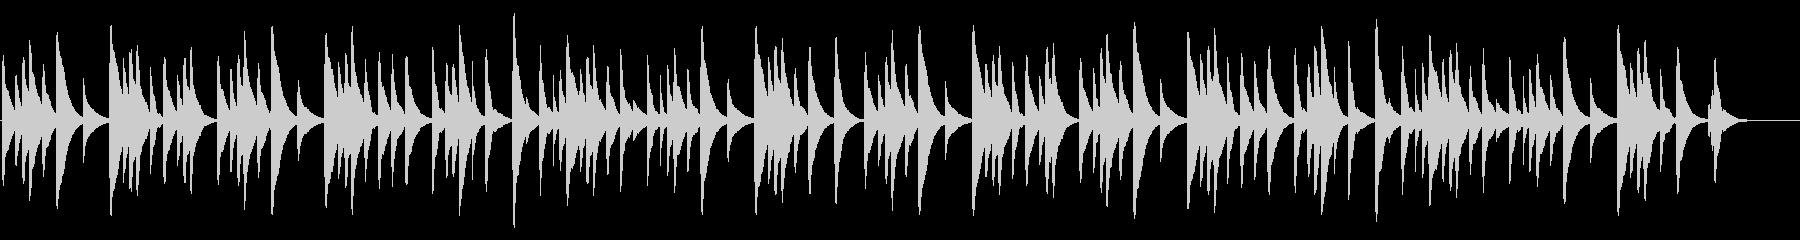 もみじ 18弁オルゴールの未再生の波形